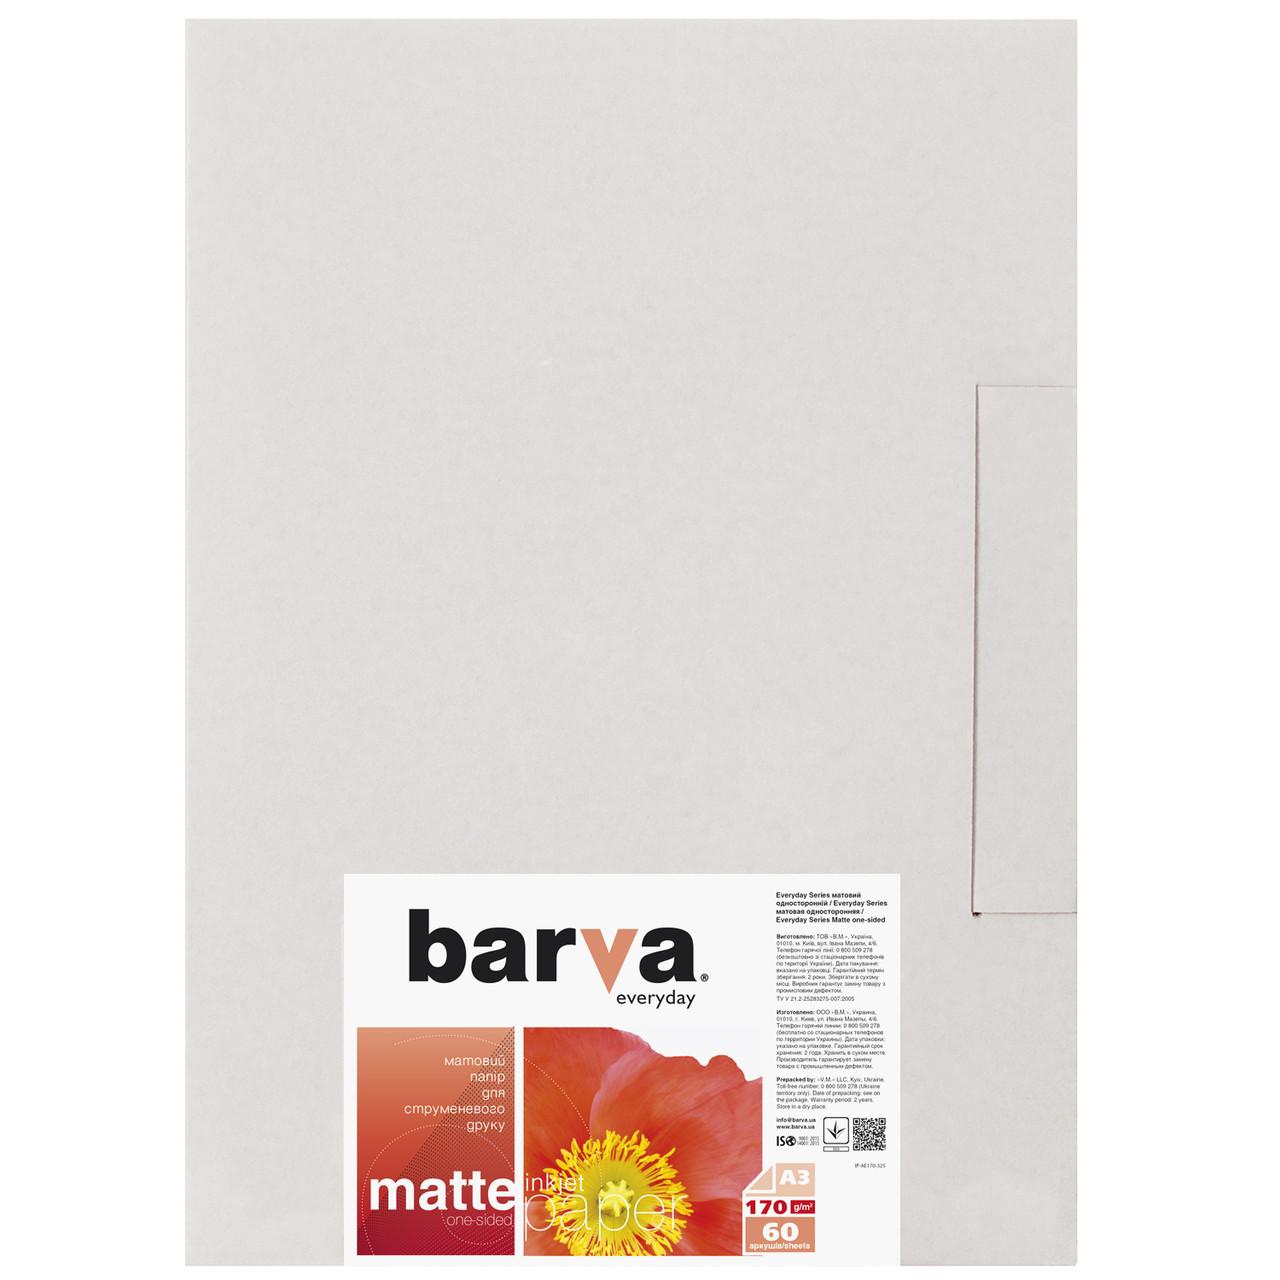 Фотобумага Barva, матовая, А3, 170 г/м2, 60 листов (IP-AE170-325)